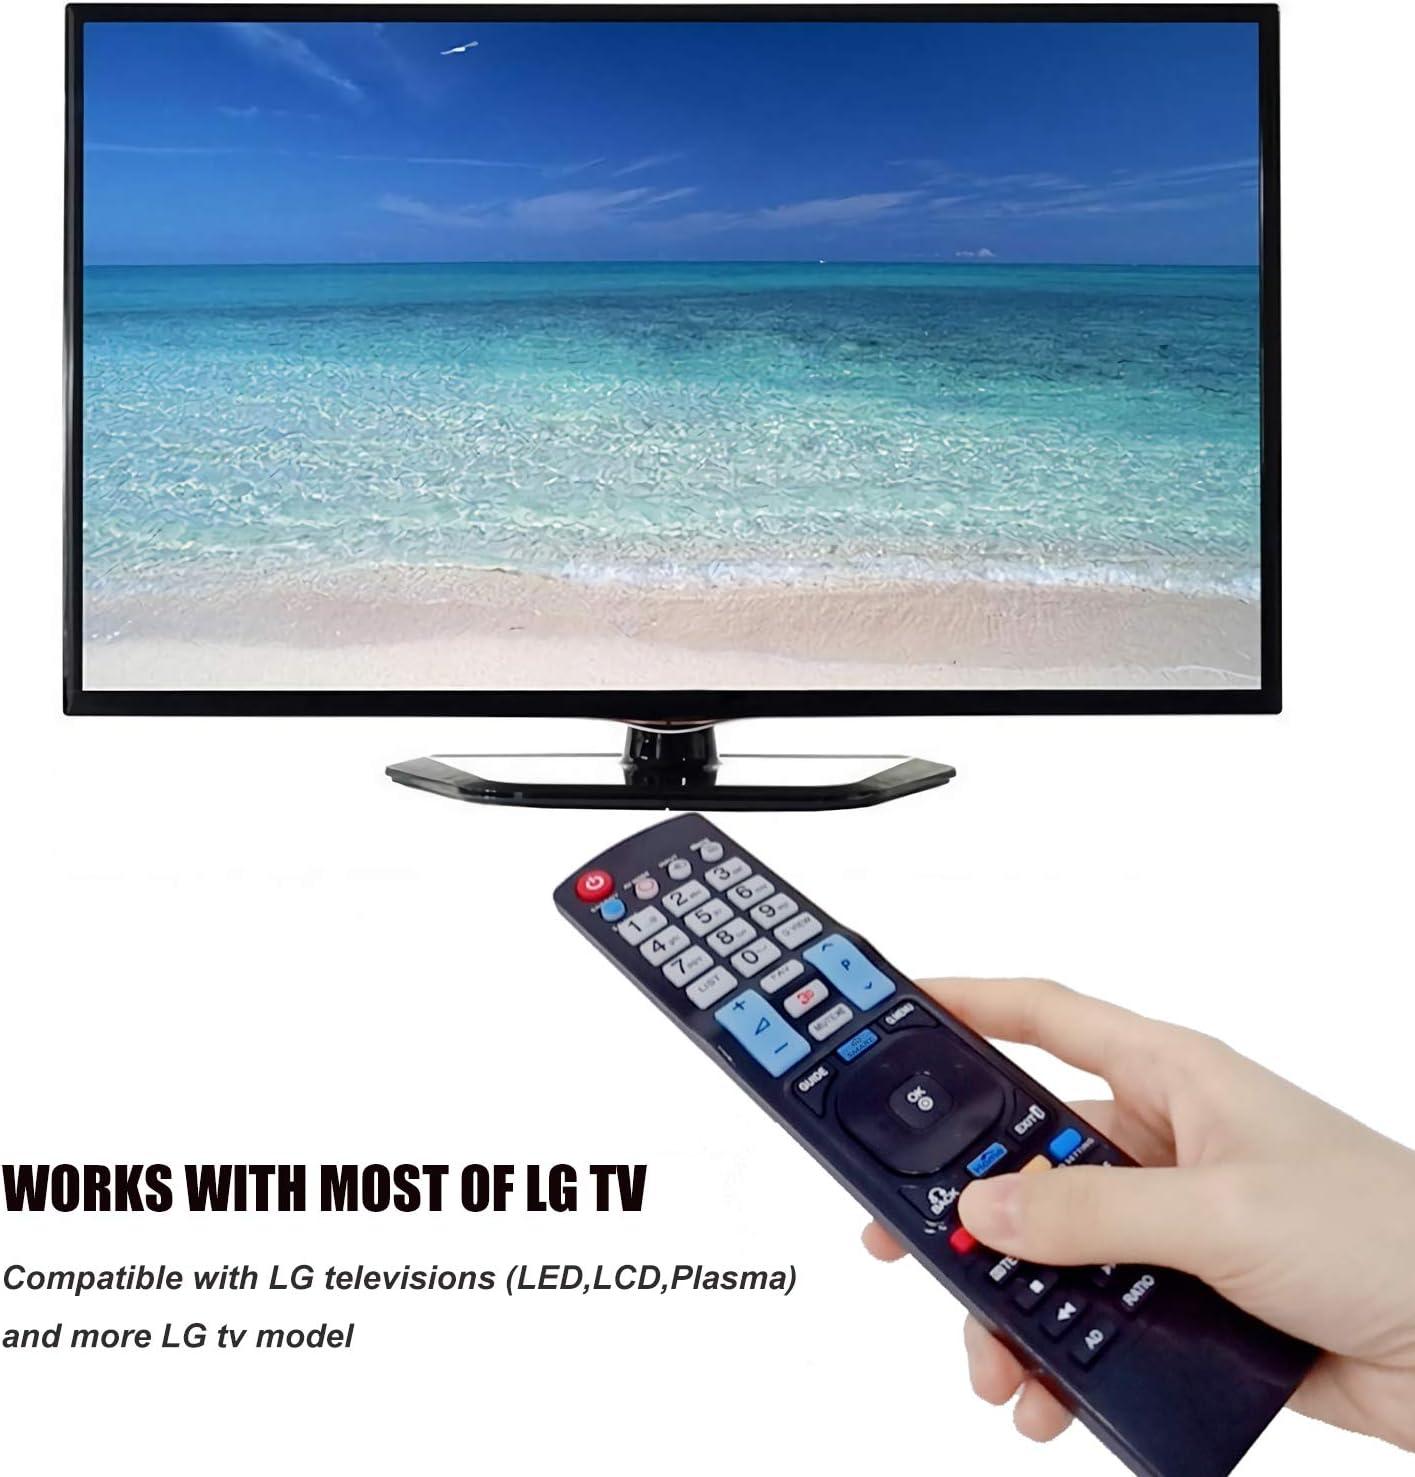 Nuevo Mando a Distancia el LG TV Reemplazo el Control Remoto para LG Smart TV, Universal Mando a Distancia de Repuesto para LG 42LE4500 AKB72914209 AKB74115502 AKB69680403: Amazon.es: Electrónica